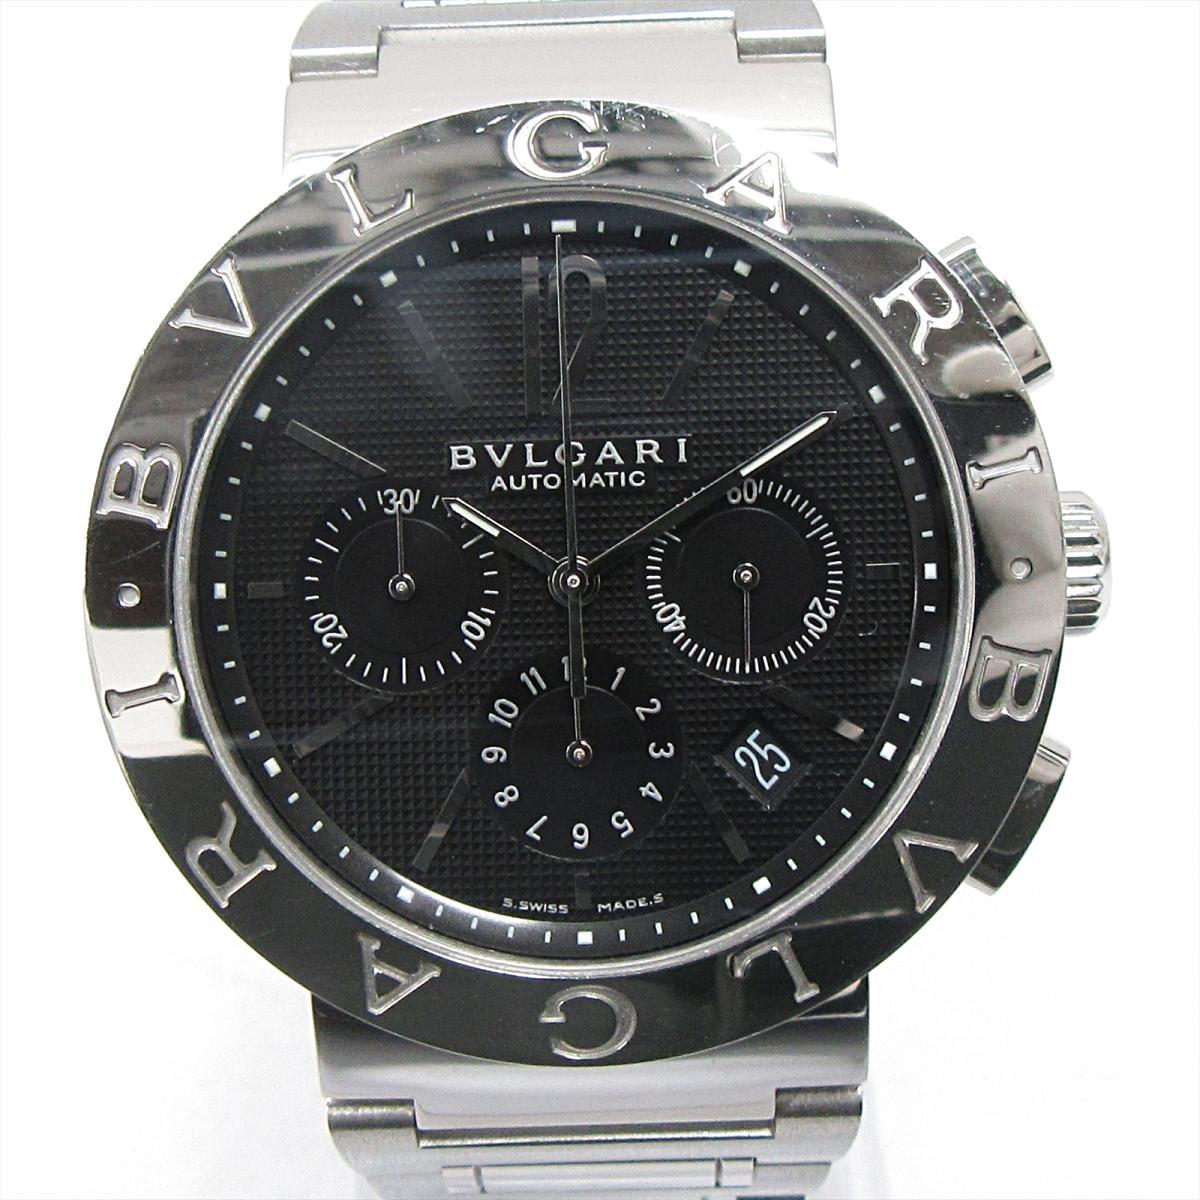 ブルガリブルガリ クロノグラフ 腕時計/メンズ